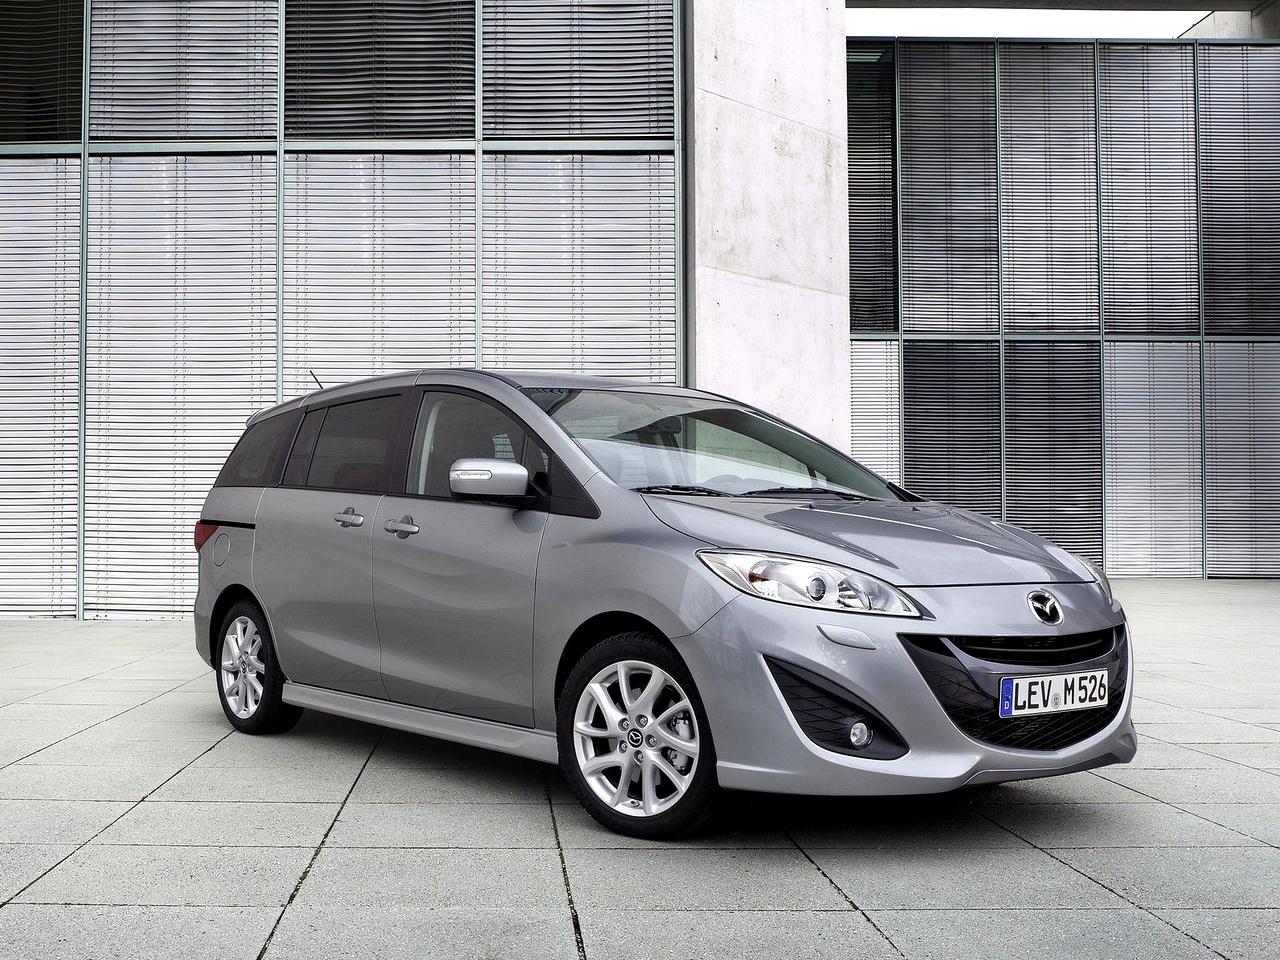 http://4.bp.blogspot.com/-6oJpd1fxr_U/US90F7d660I/AAAAAAAAAQk/-Mcb3-9JkqQ/s1600/2013-Mazda-5-Front-Angle.jpg